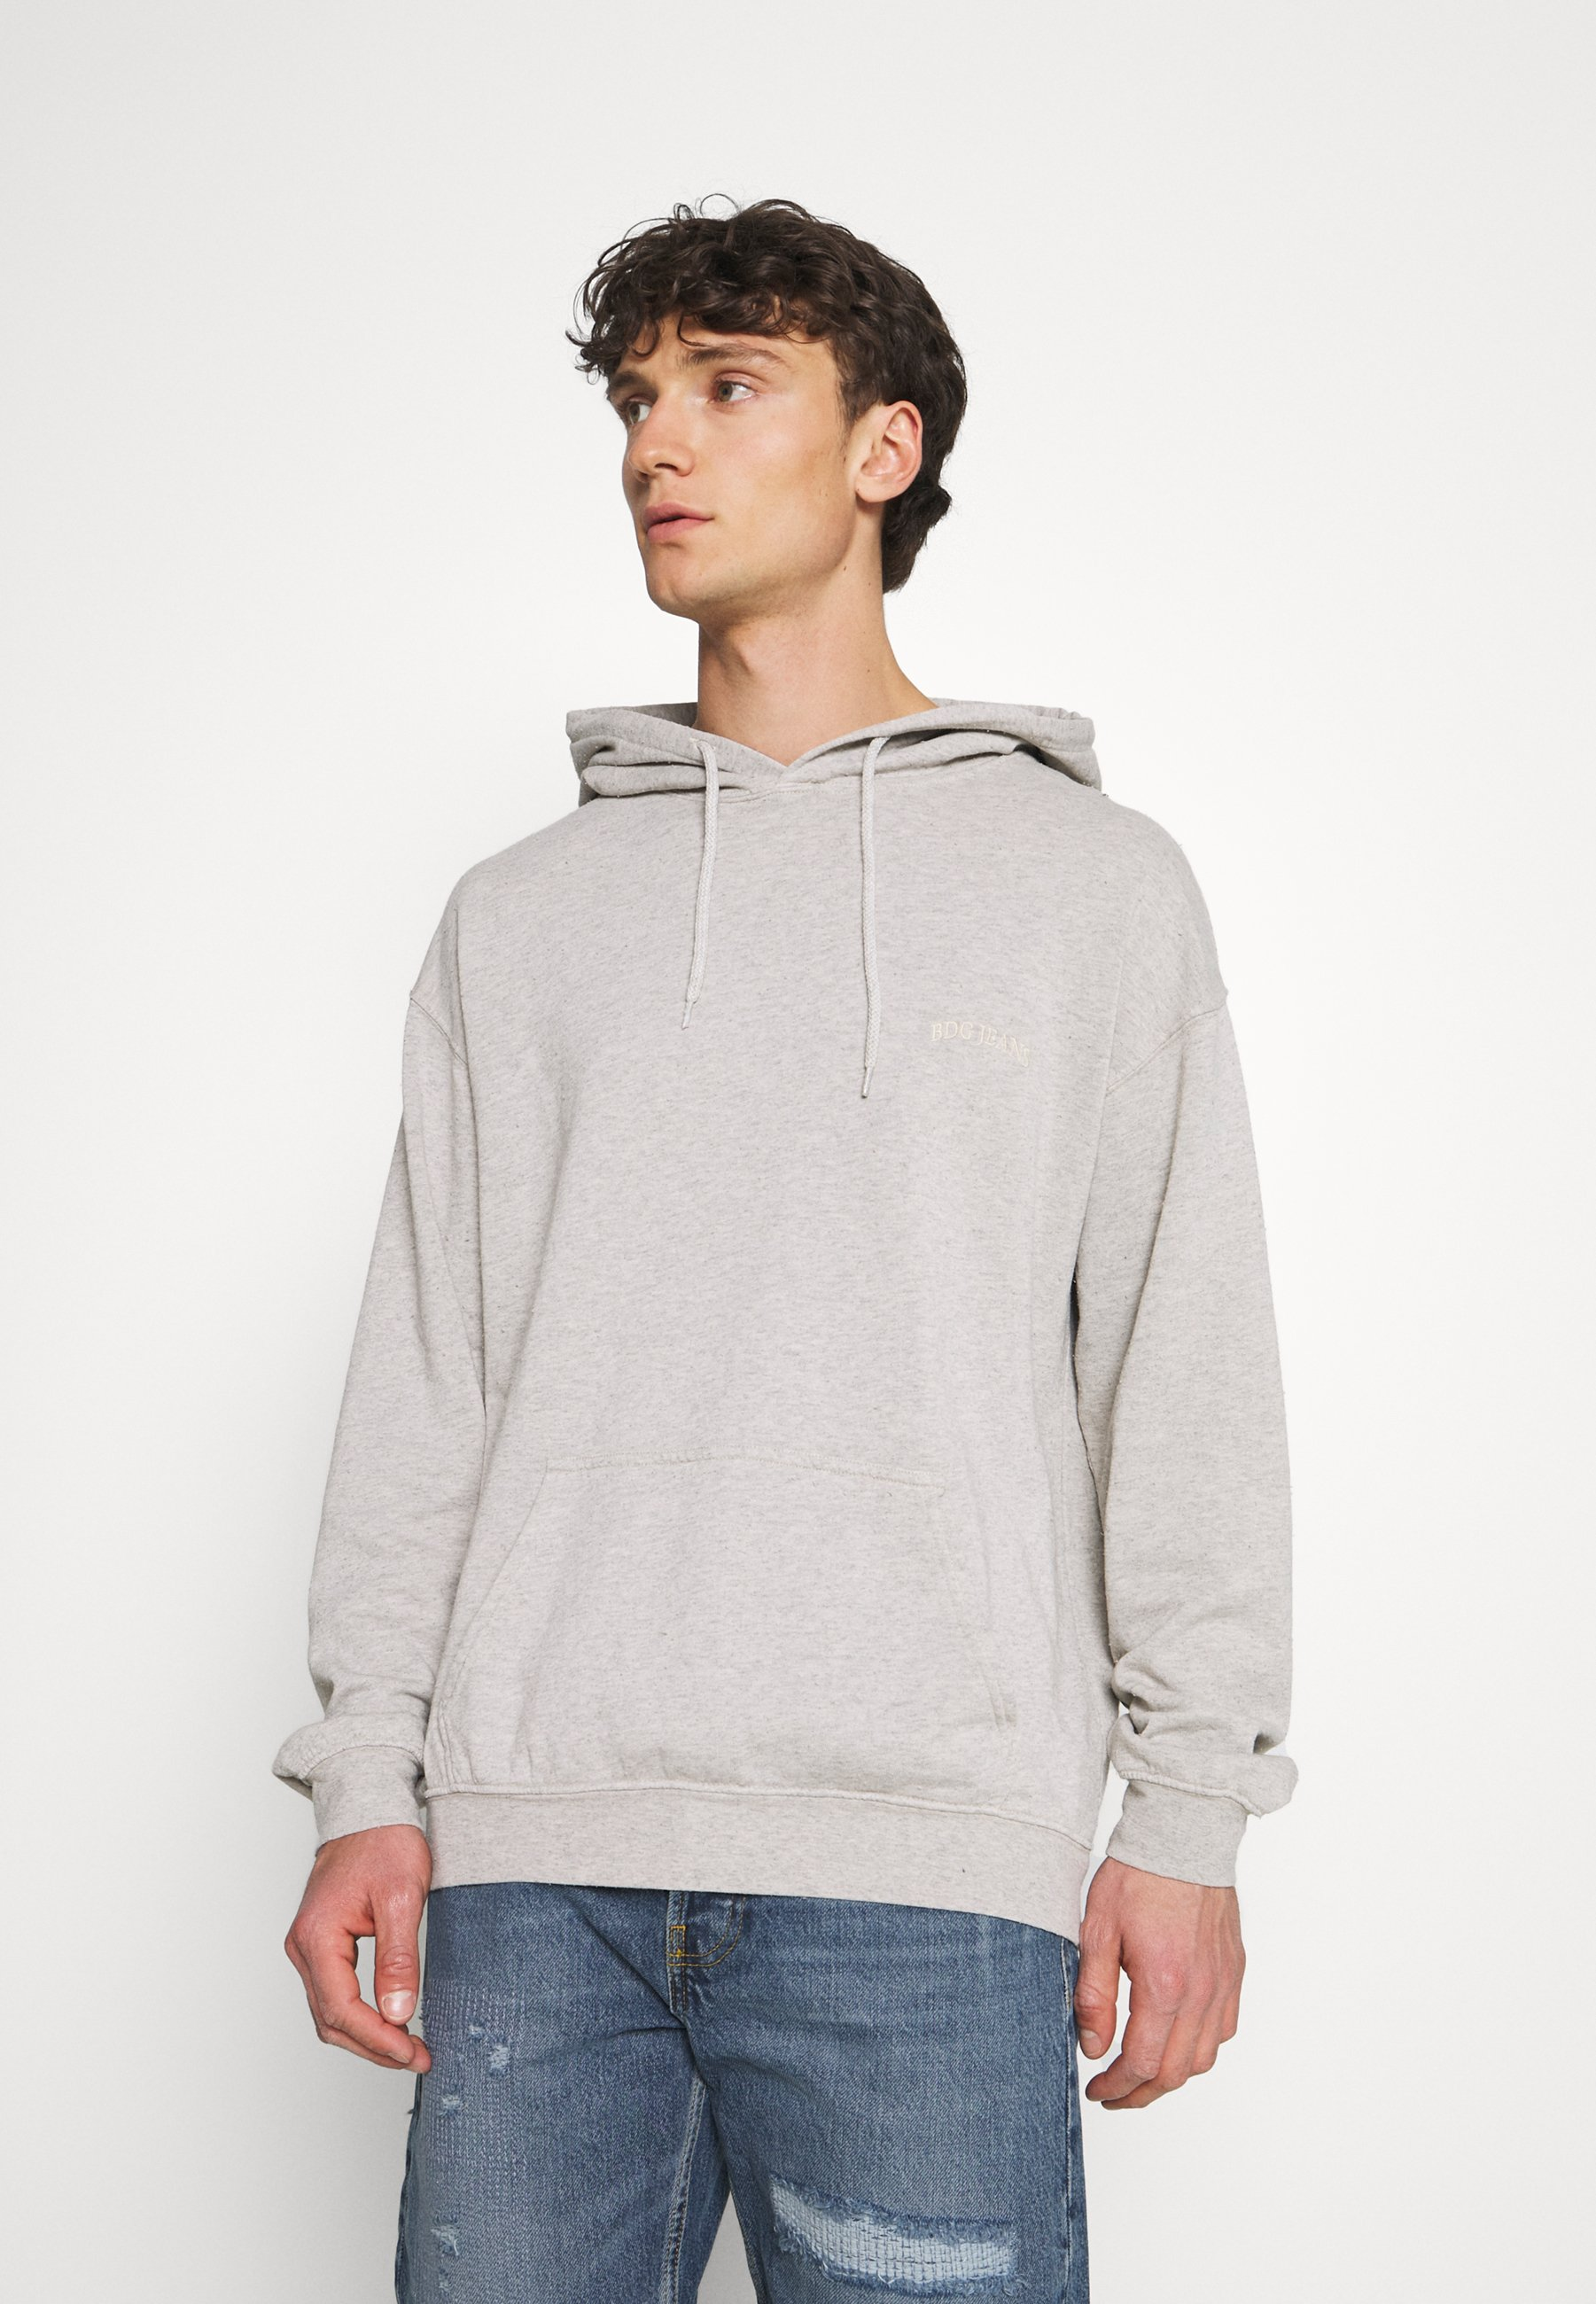 Homme SKATE HOODIE UNISEX - Sweatshirt